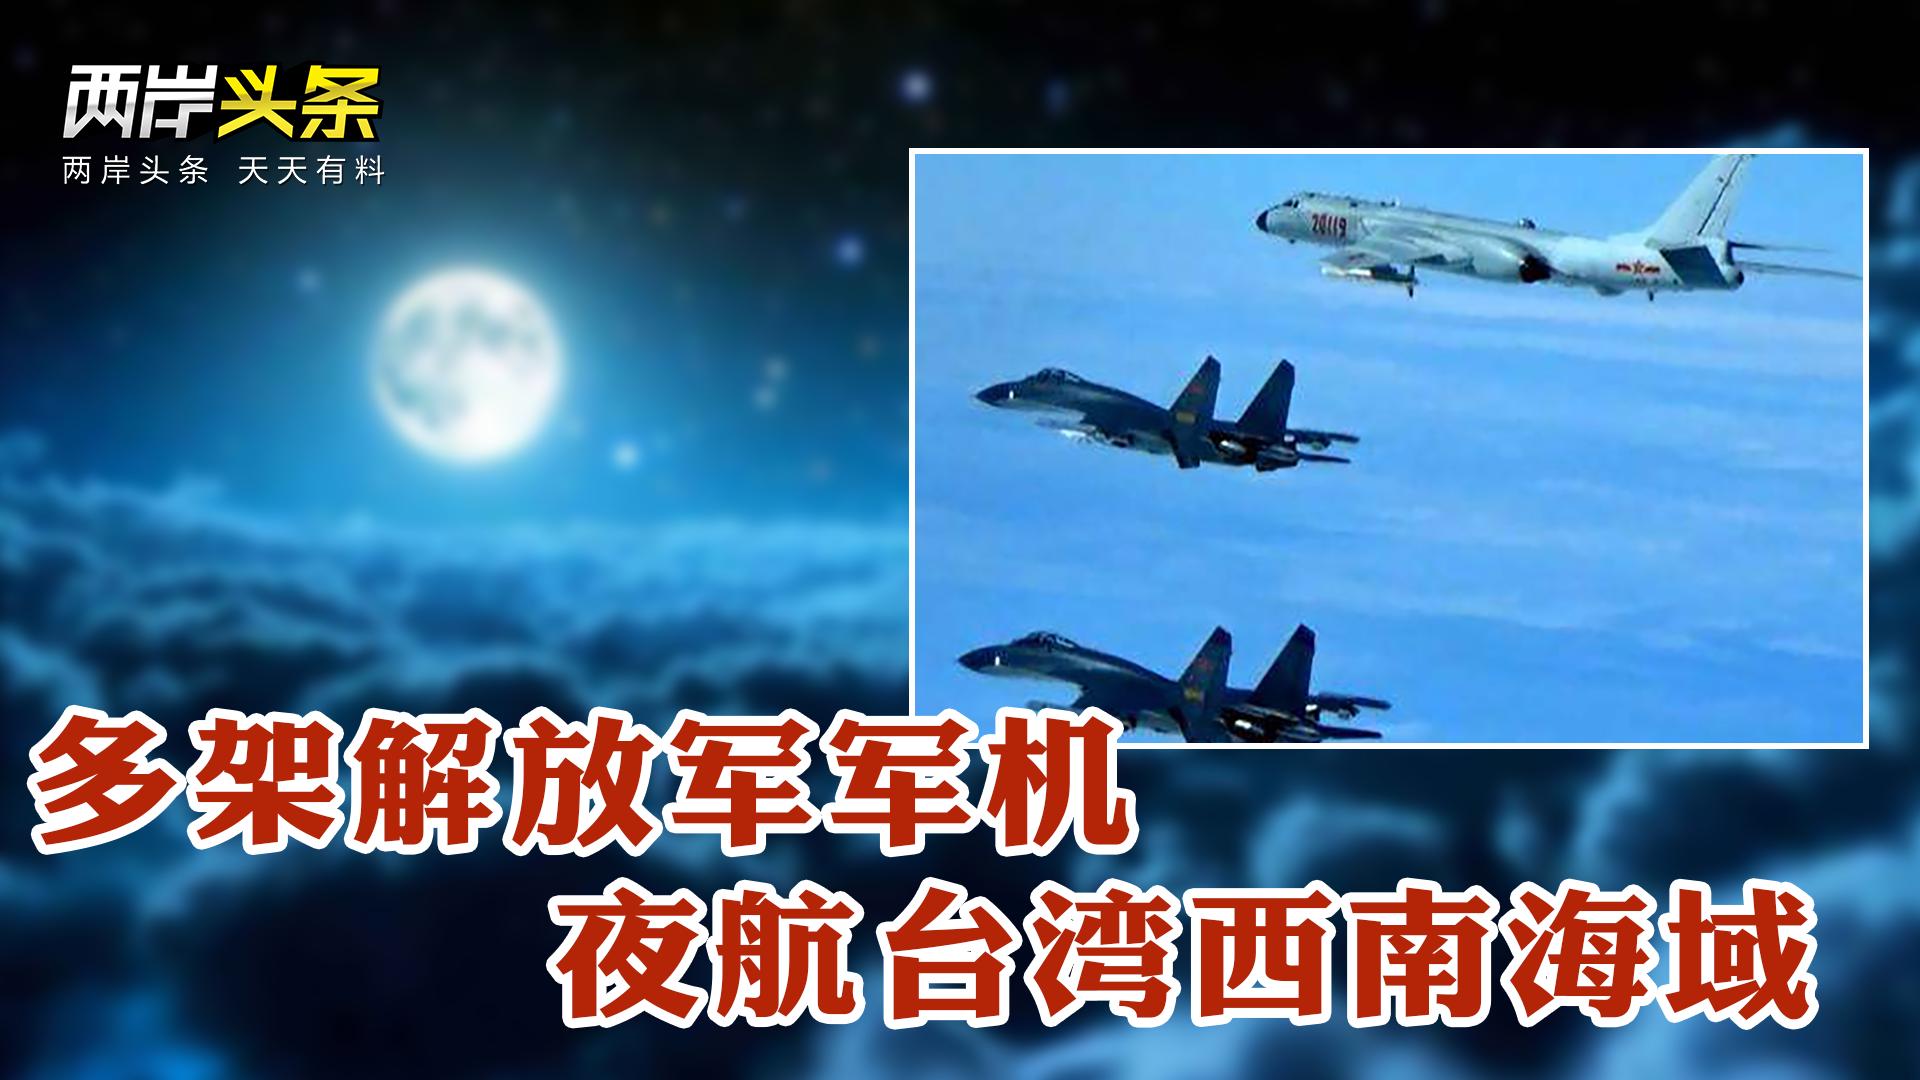 罕見!多架解放軍軍機夜航臺西南海域圖片